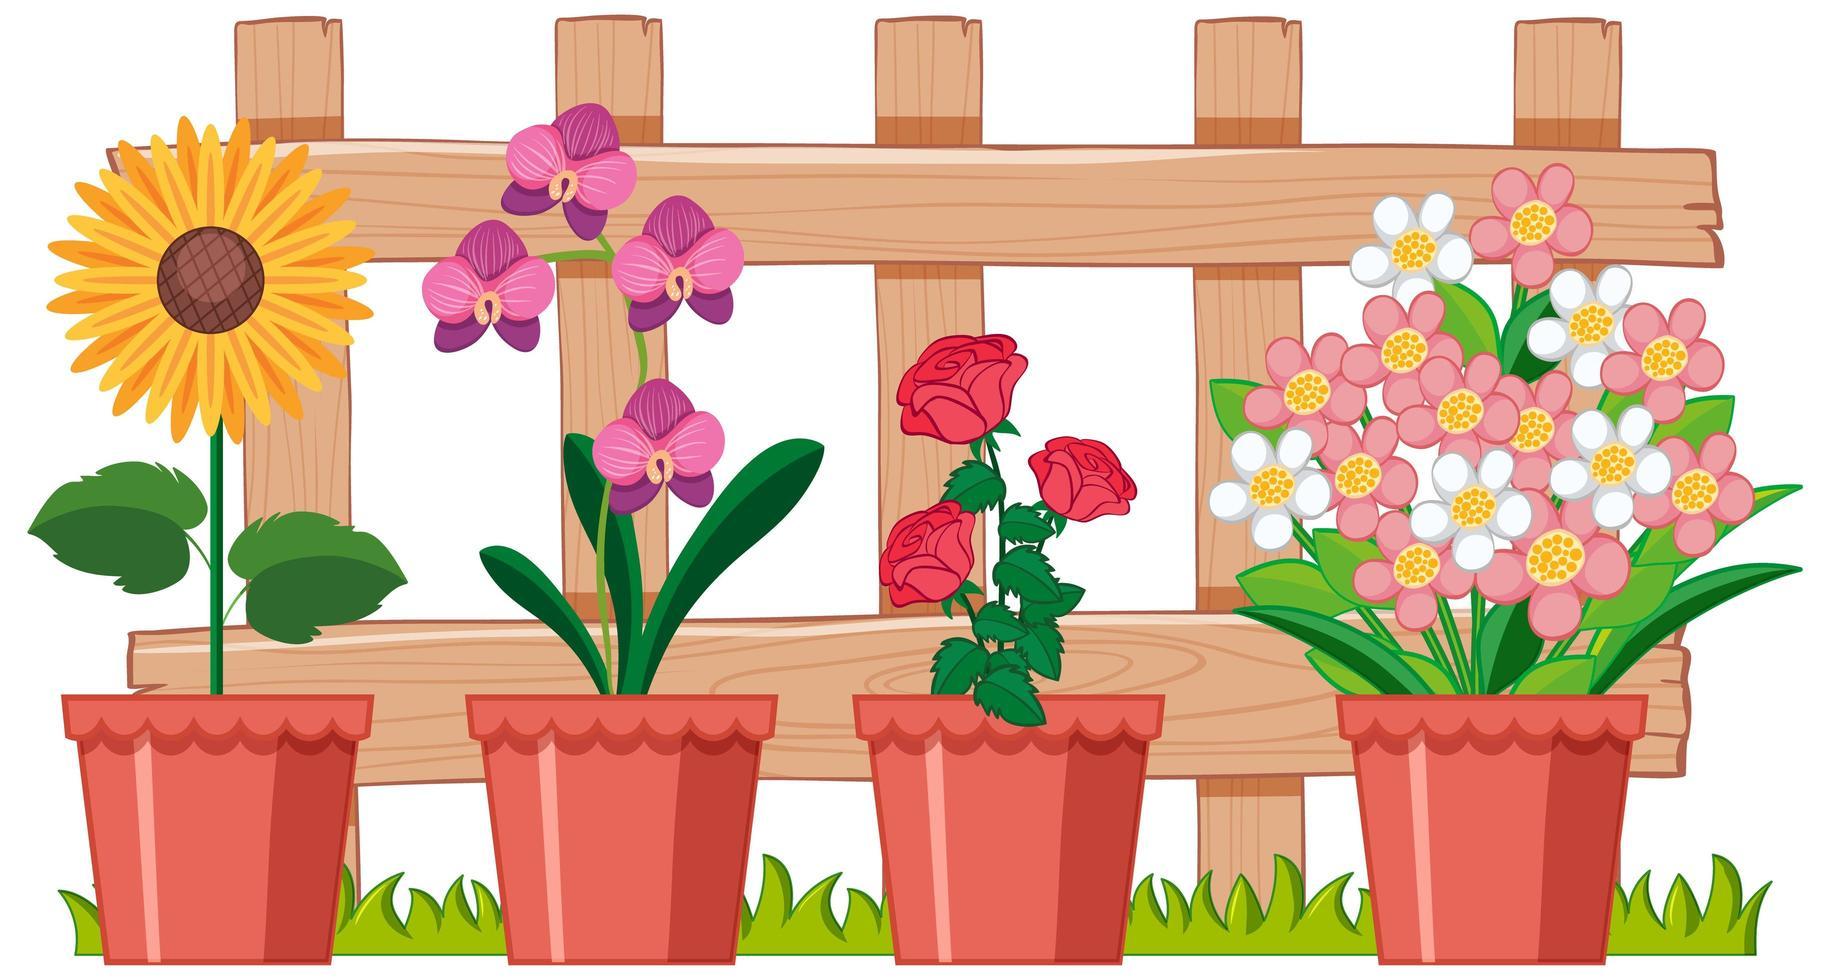 mooie bloem in de tuin op witte achtergrond vector